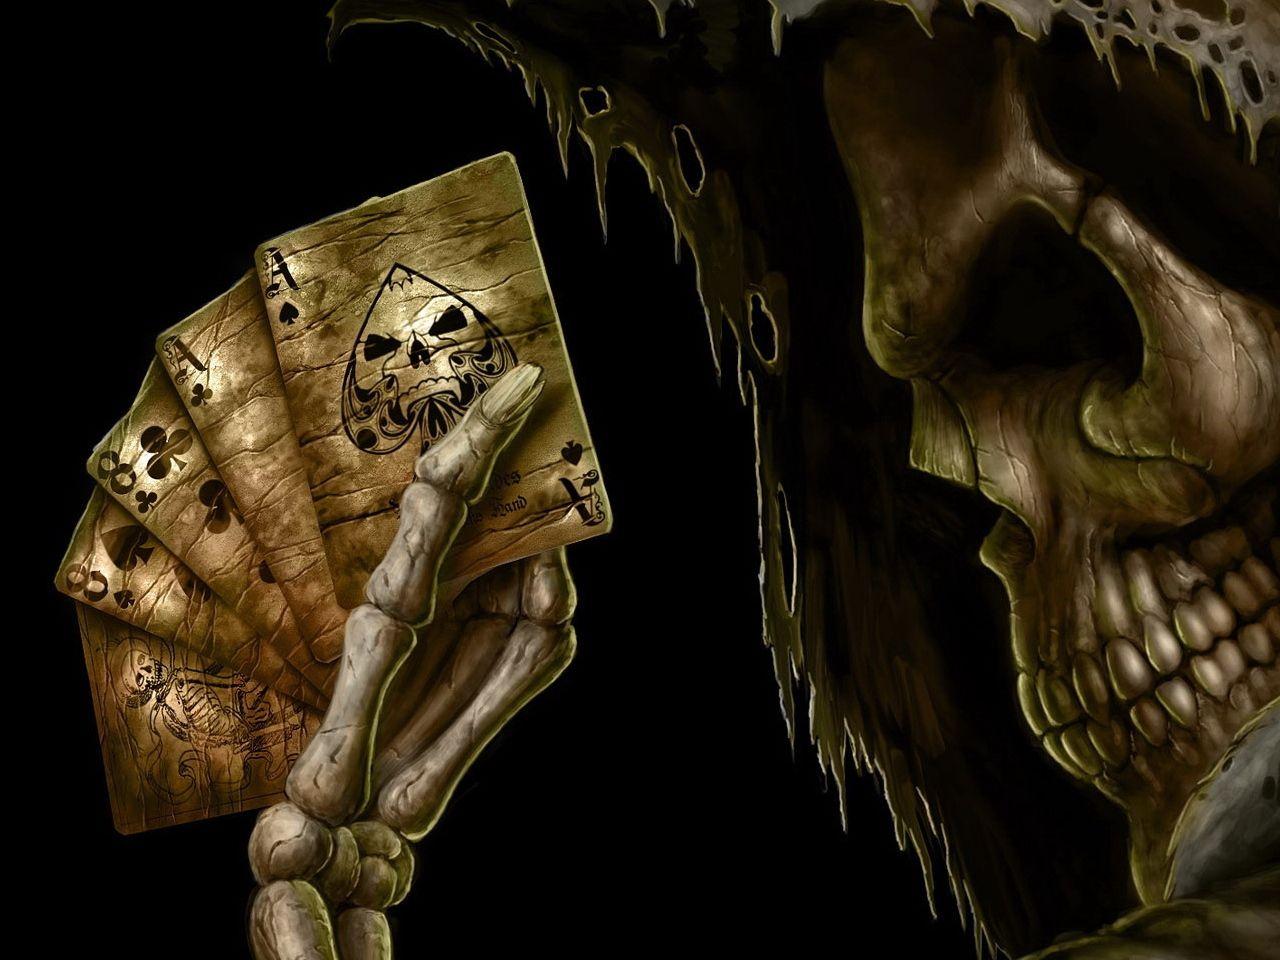 スケルトンイメージ 死の壁紙 ポーカーのベクトル カードの背景